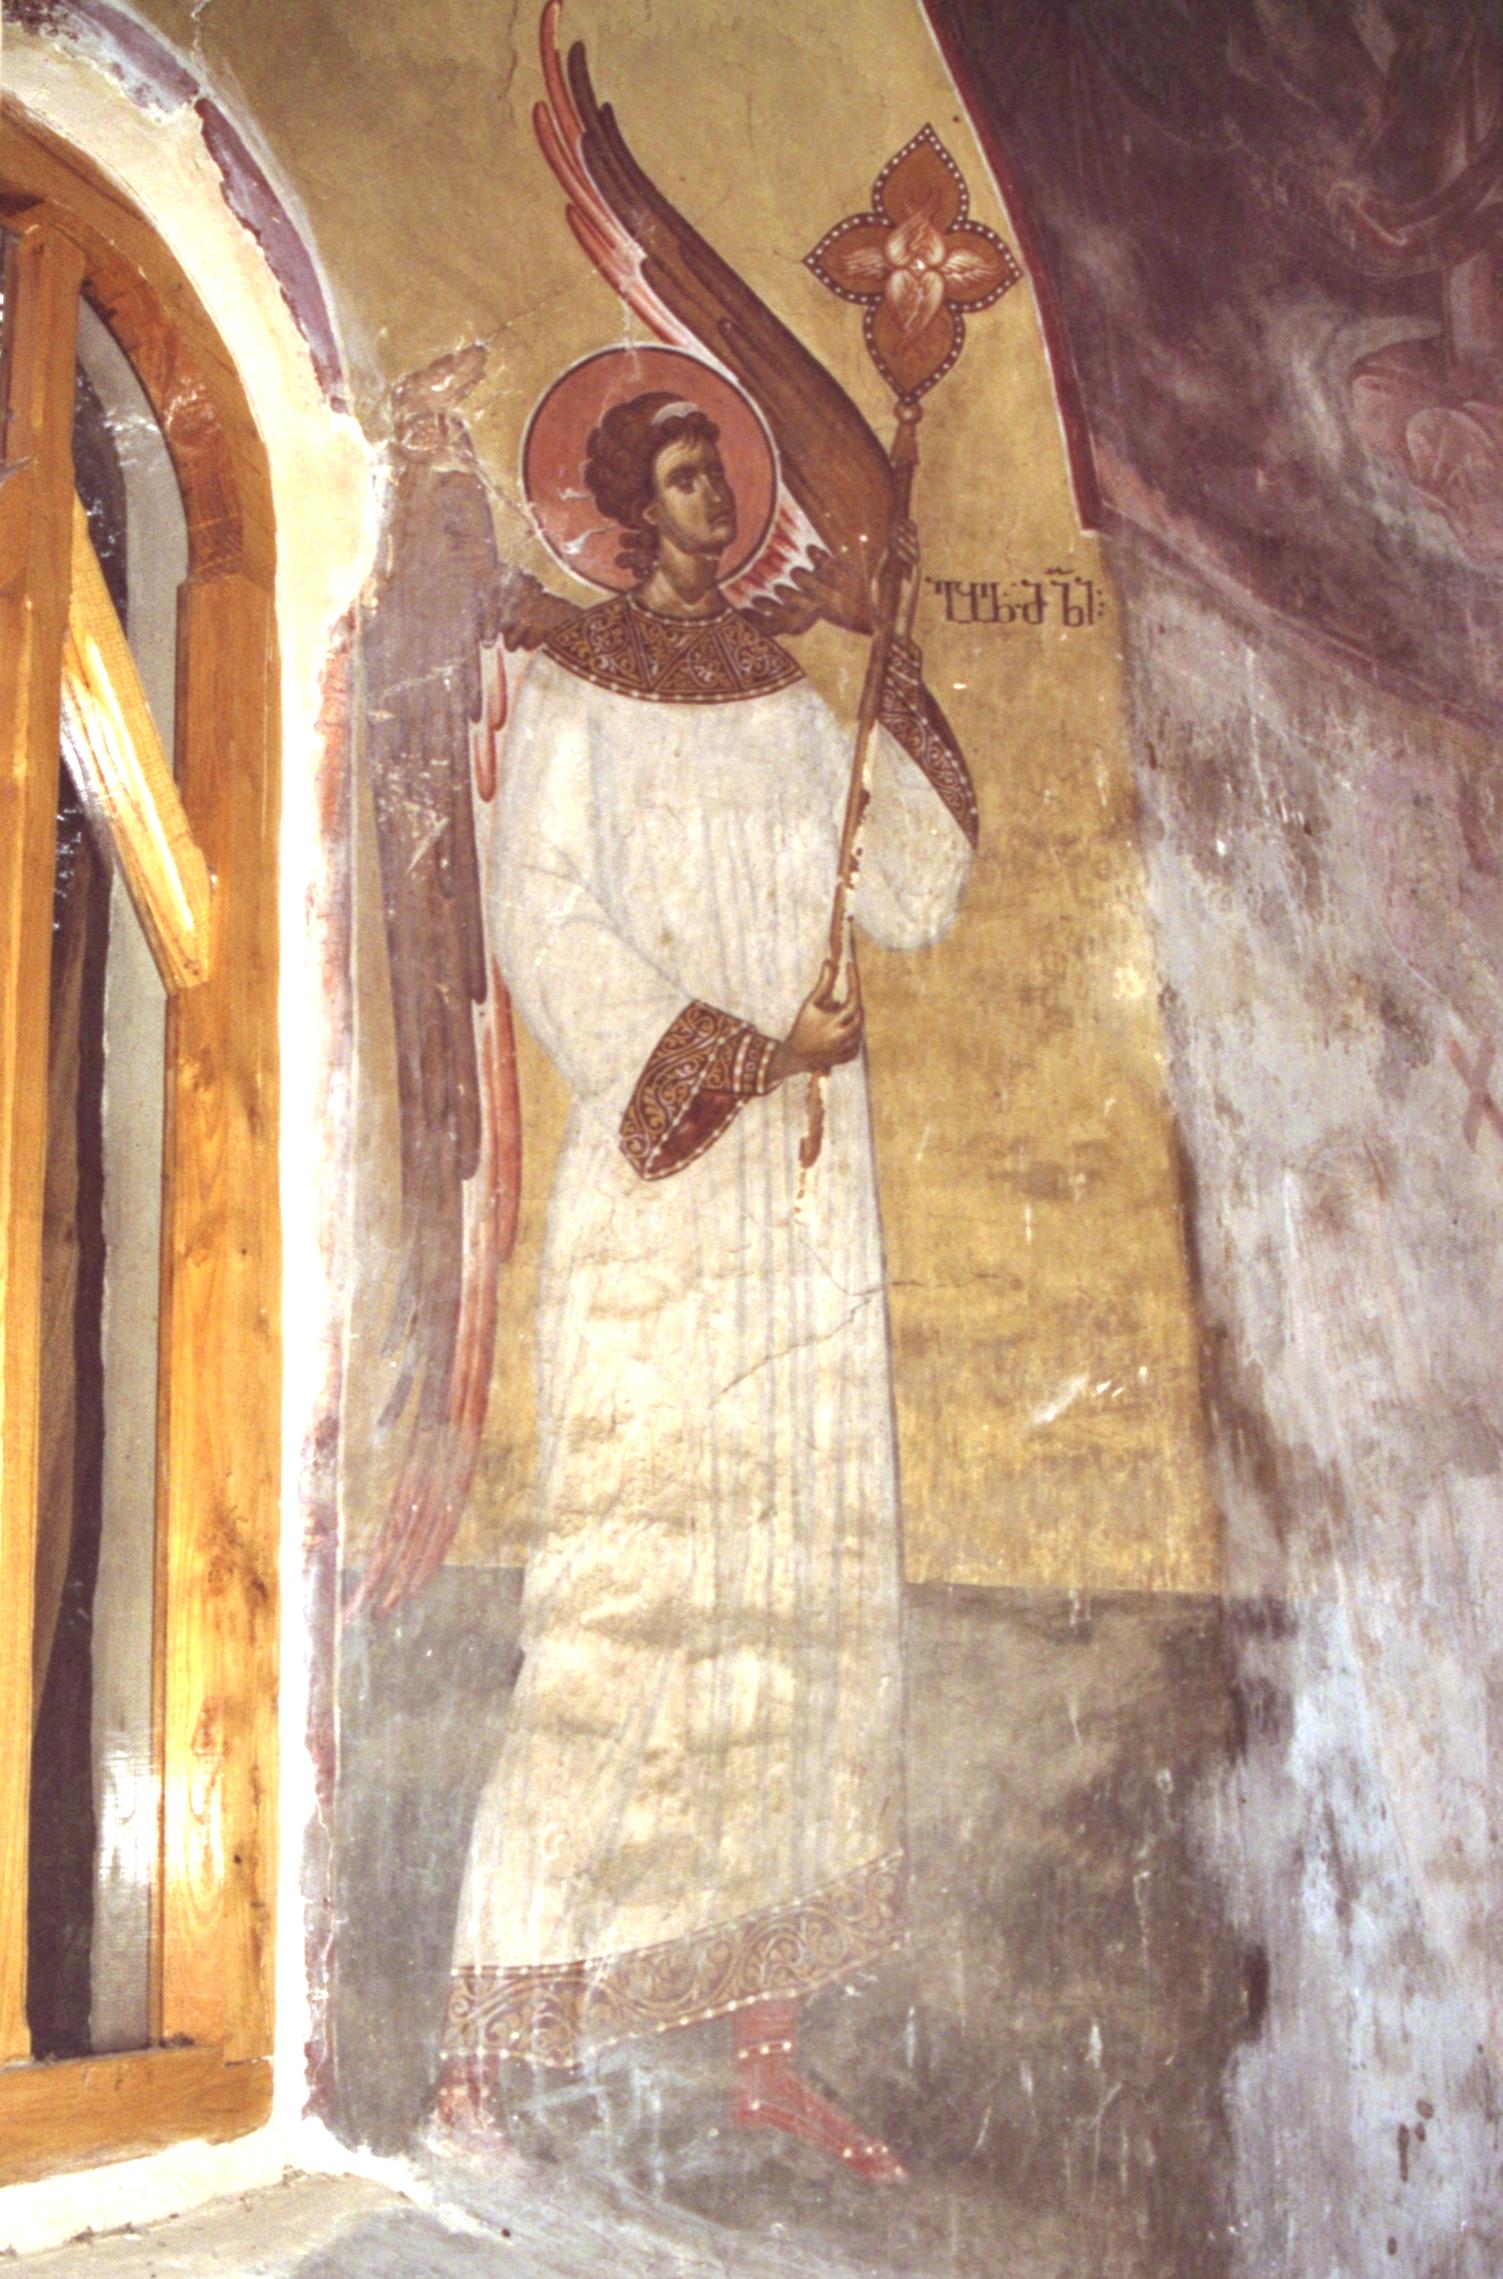 Ангел-диакон. Фреска XIV века в церкви Св. Георгия в Убиси, Грузия. Иконописец Герасиме.